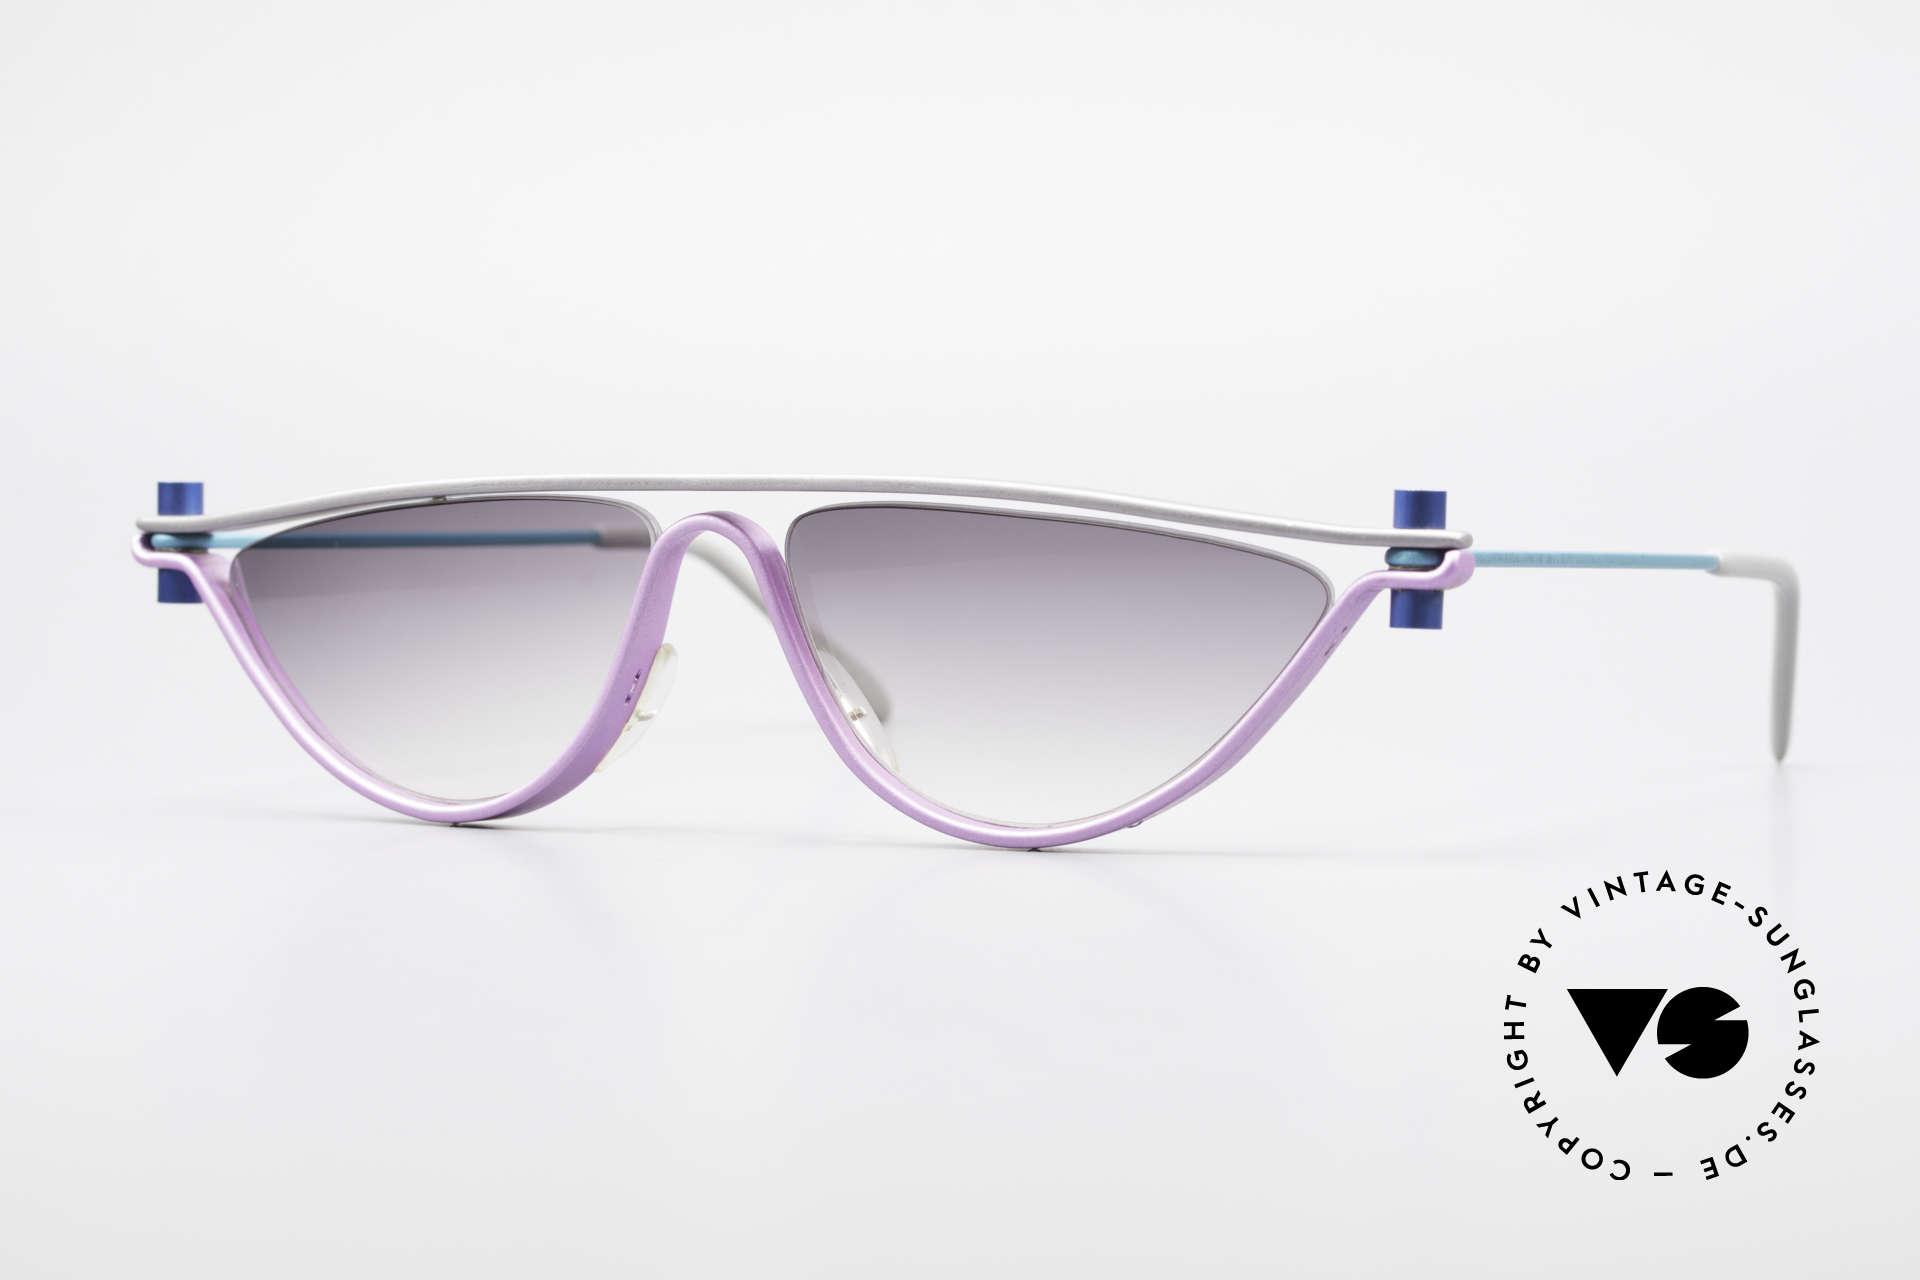 ProDesign No6 The Hunt For Red October 90's, Pro Design N° SIX - Optic Studio Denmark Glasses, Made for Women